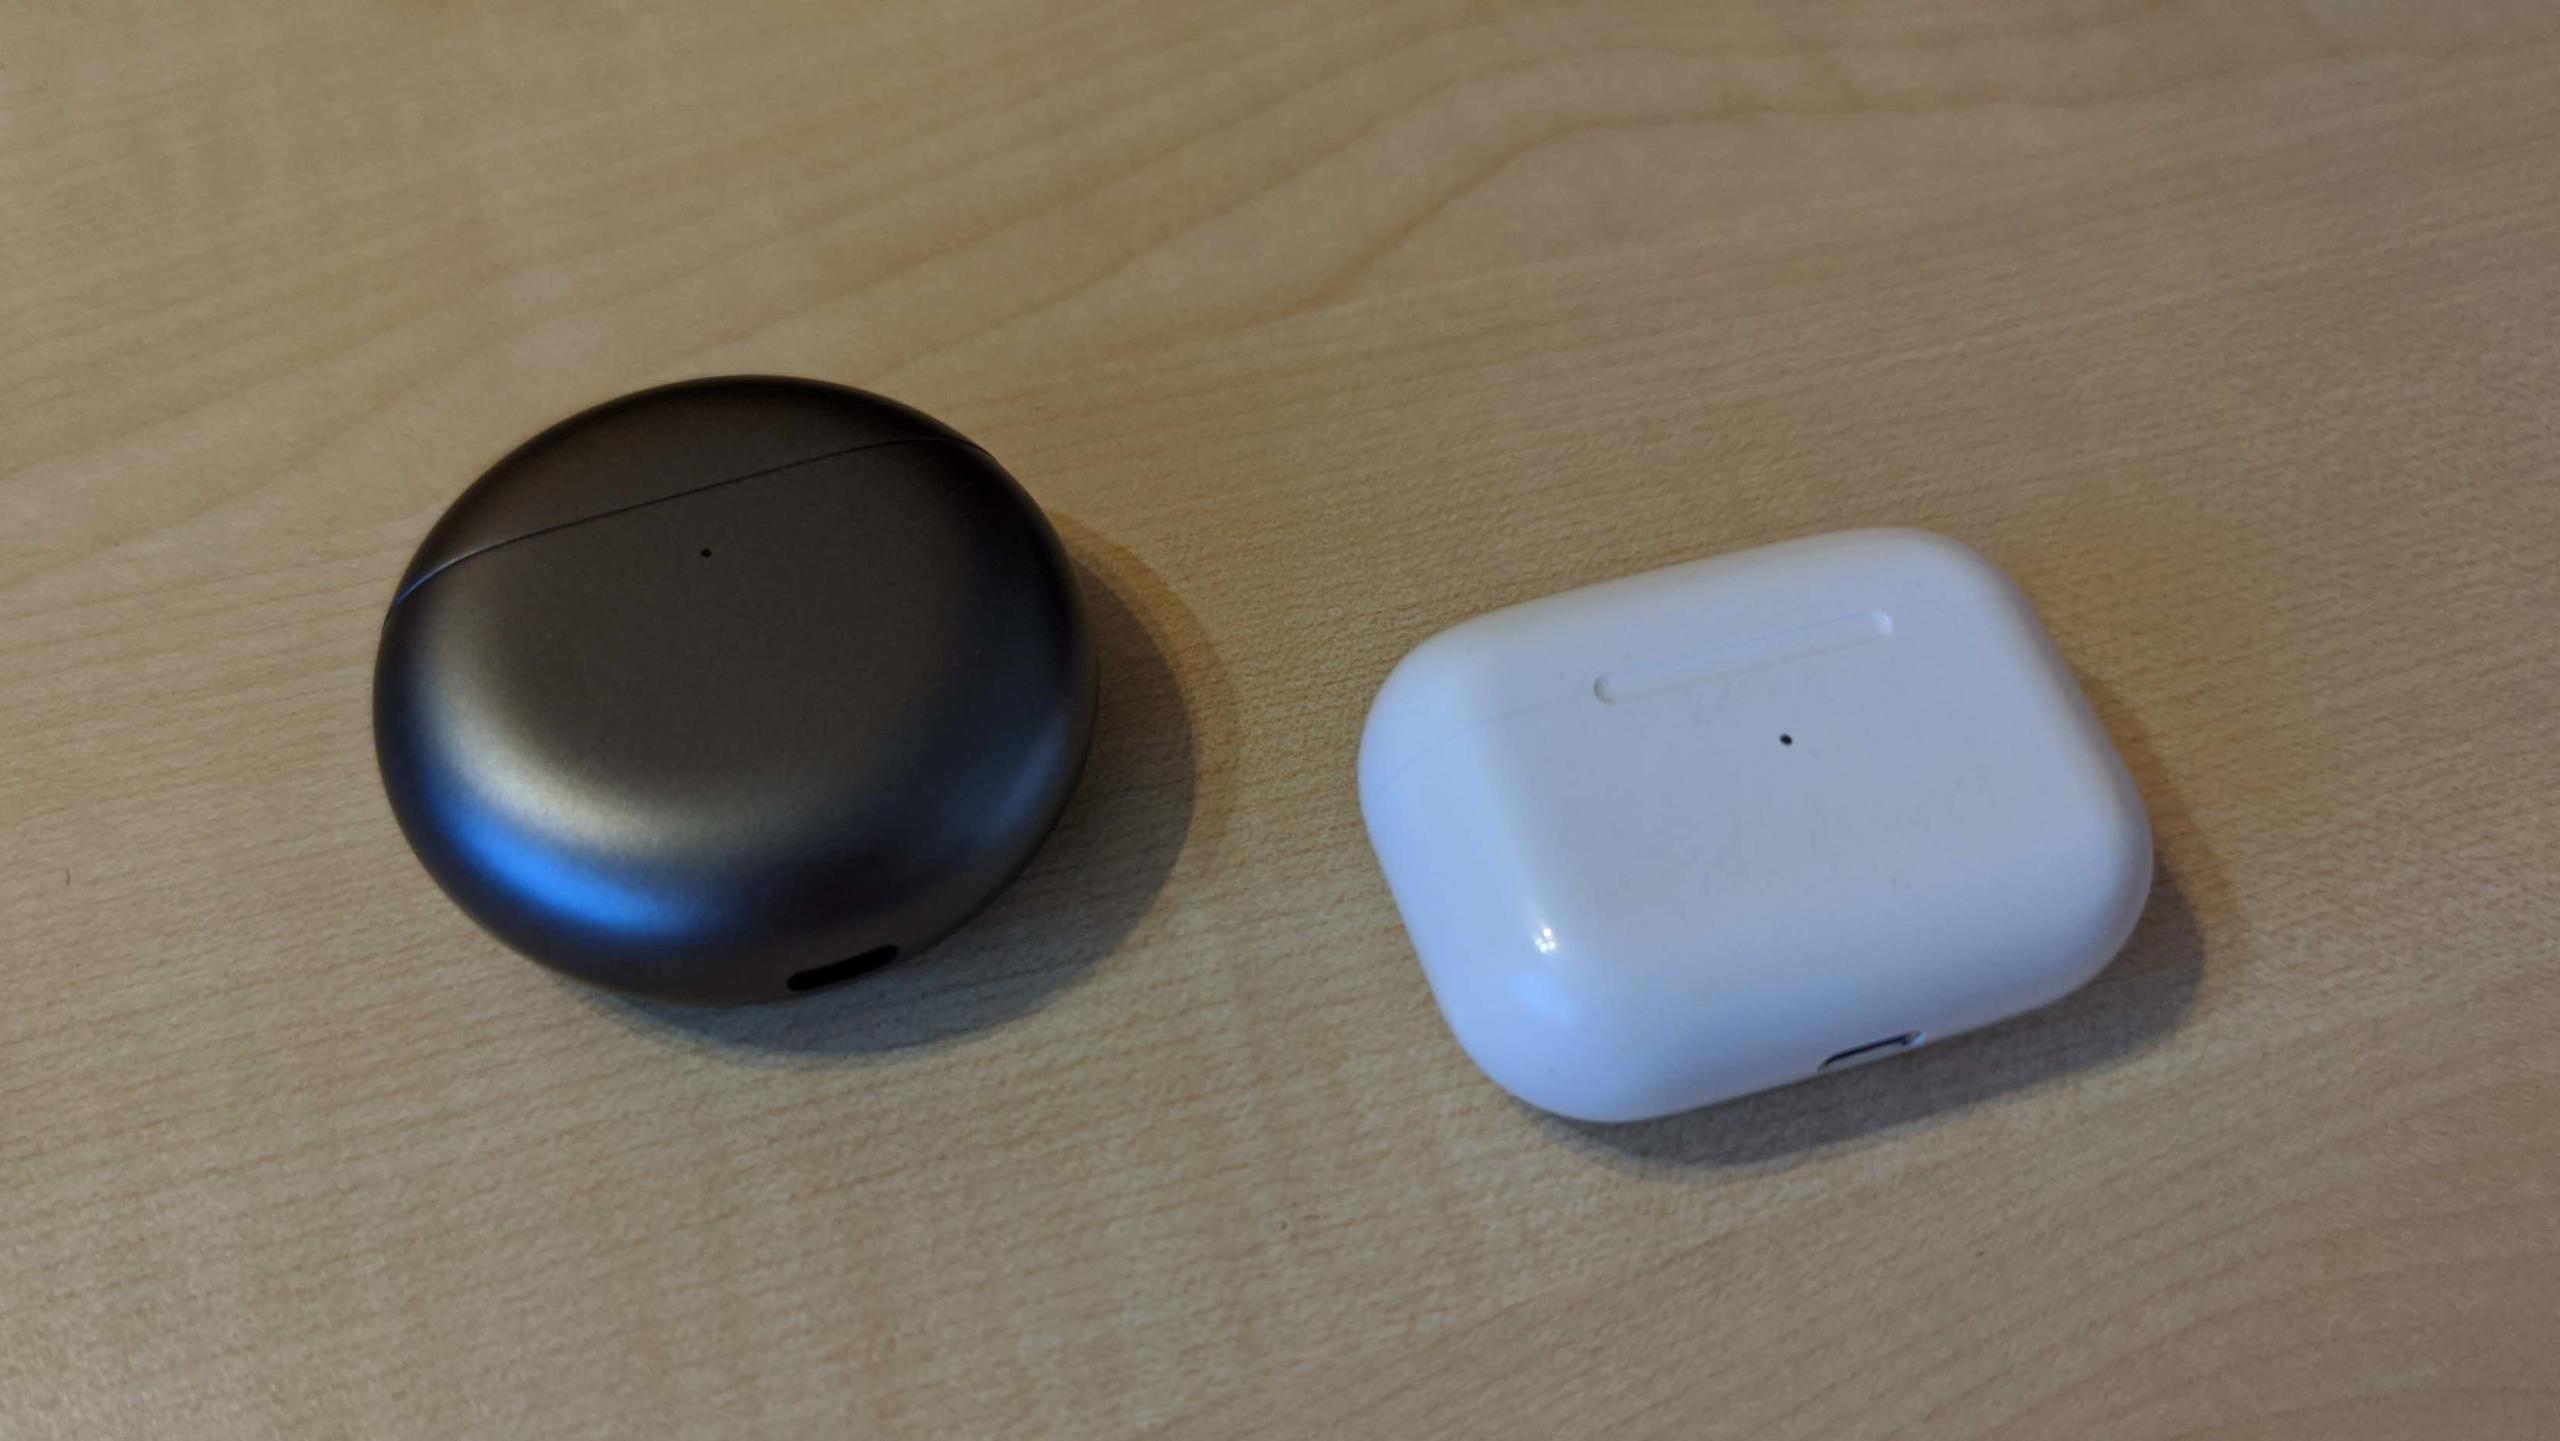 Huawei FreeBuds 4 - Grössenvergleich AirPods Pro